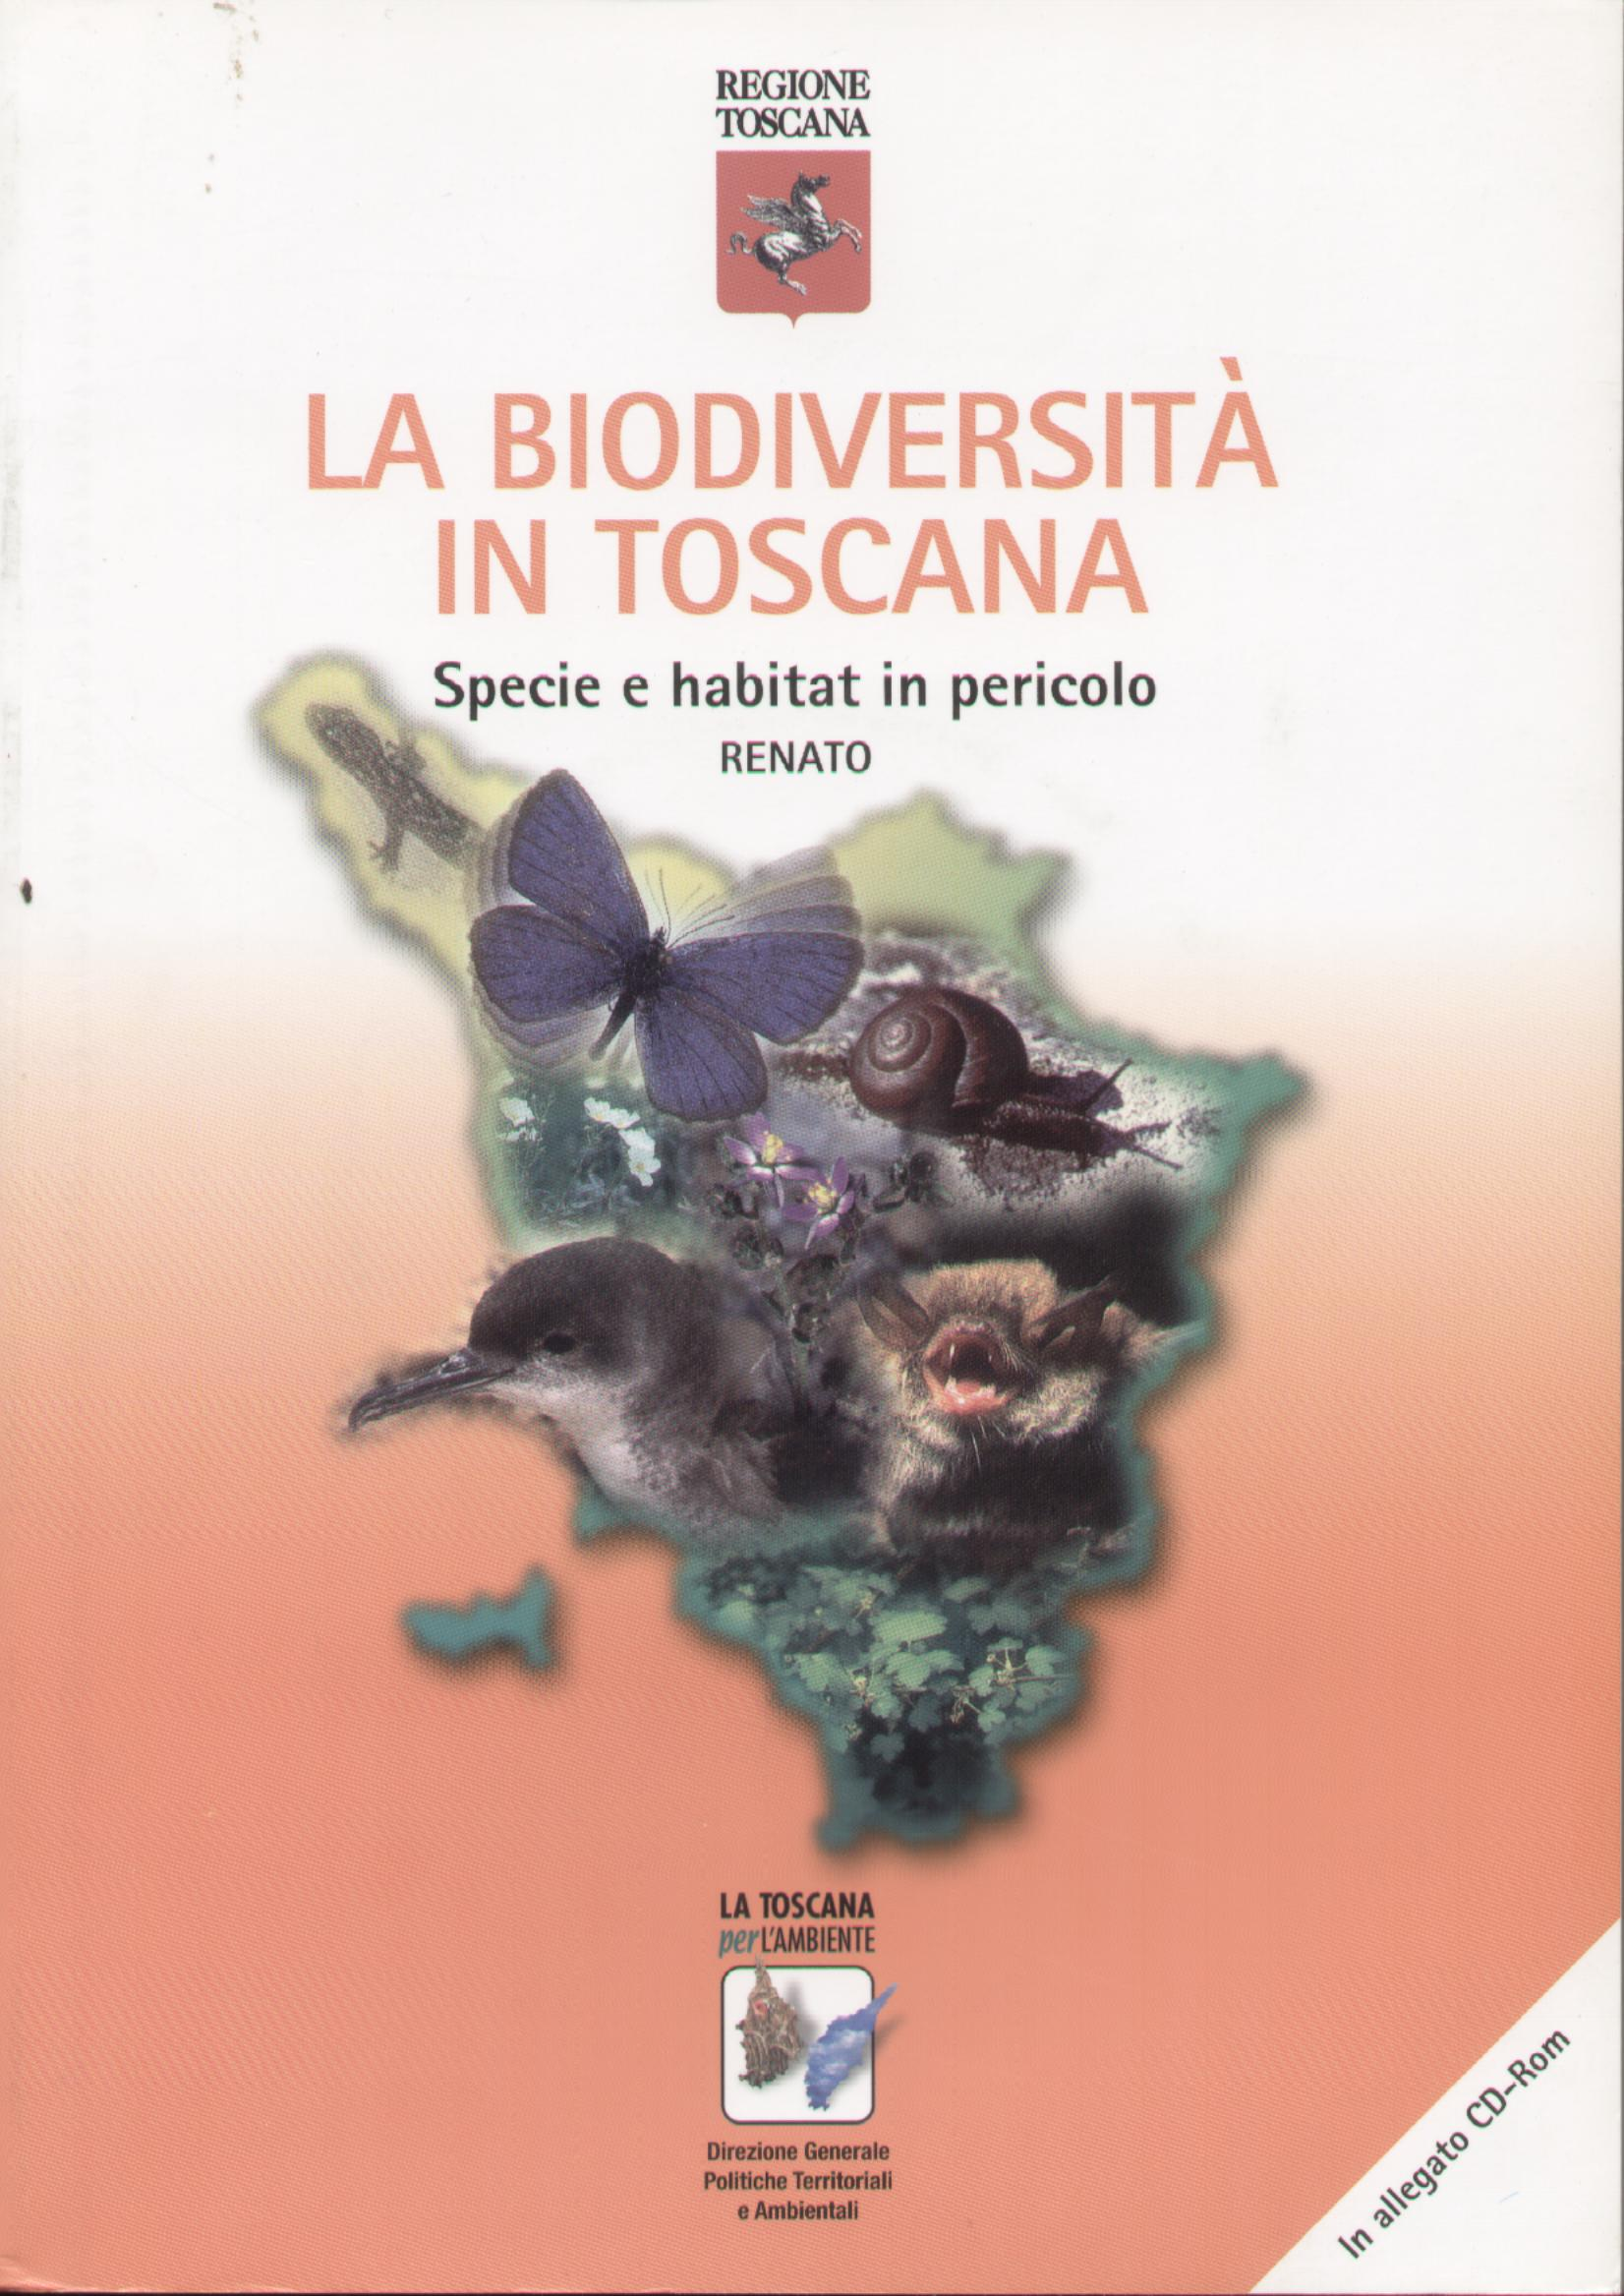 La biodiversità in Toscana